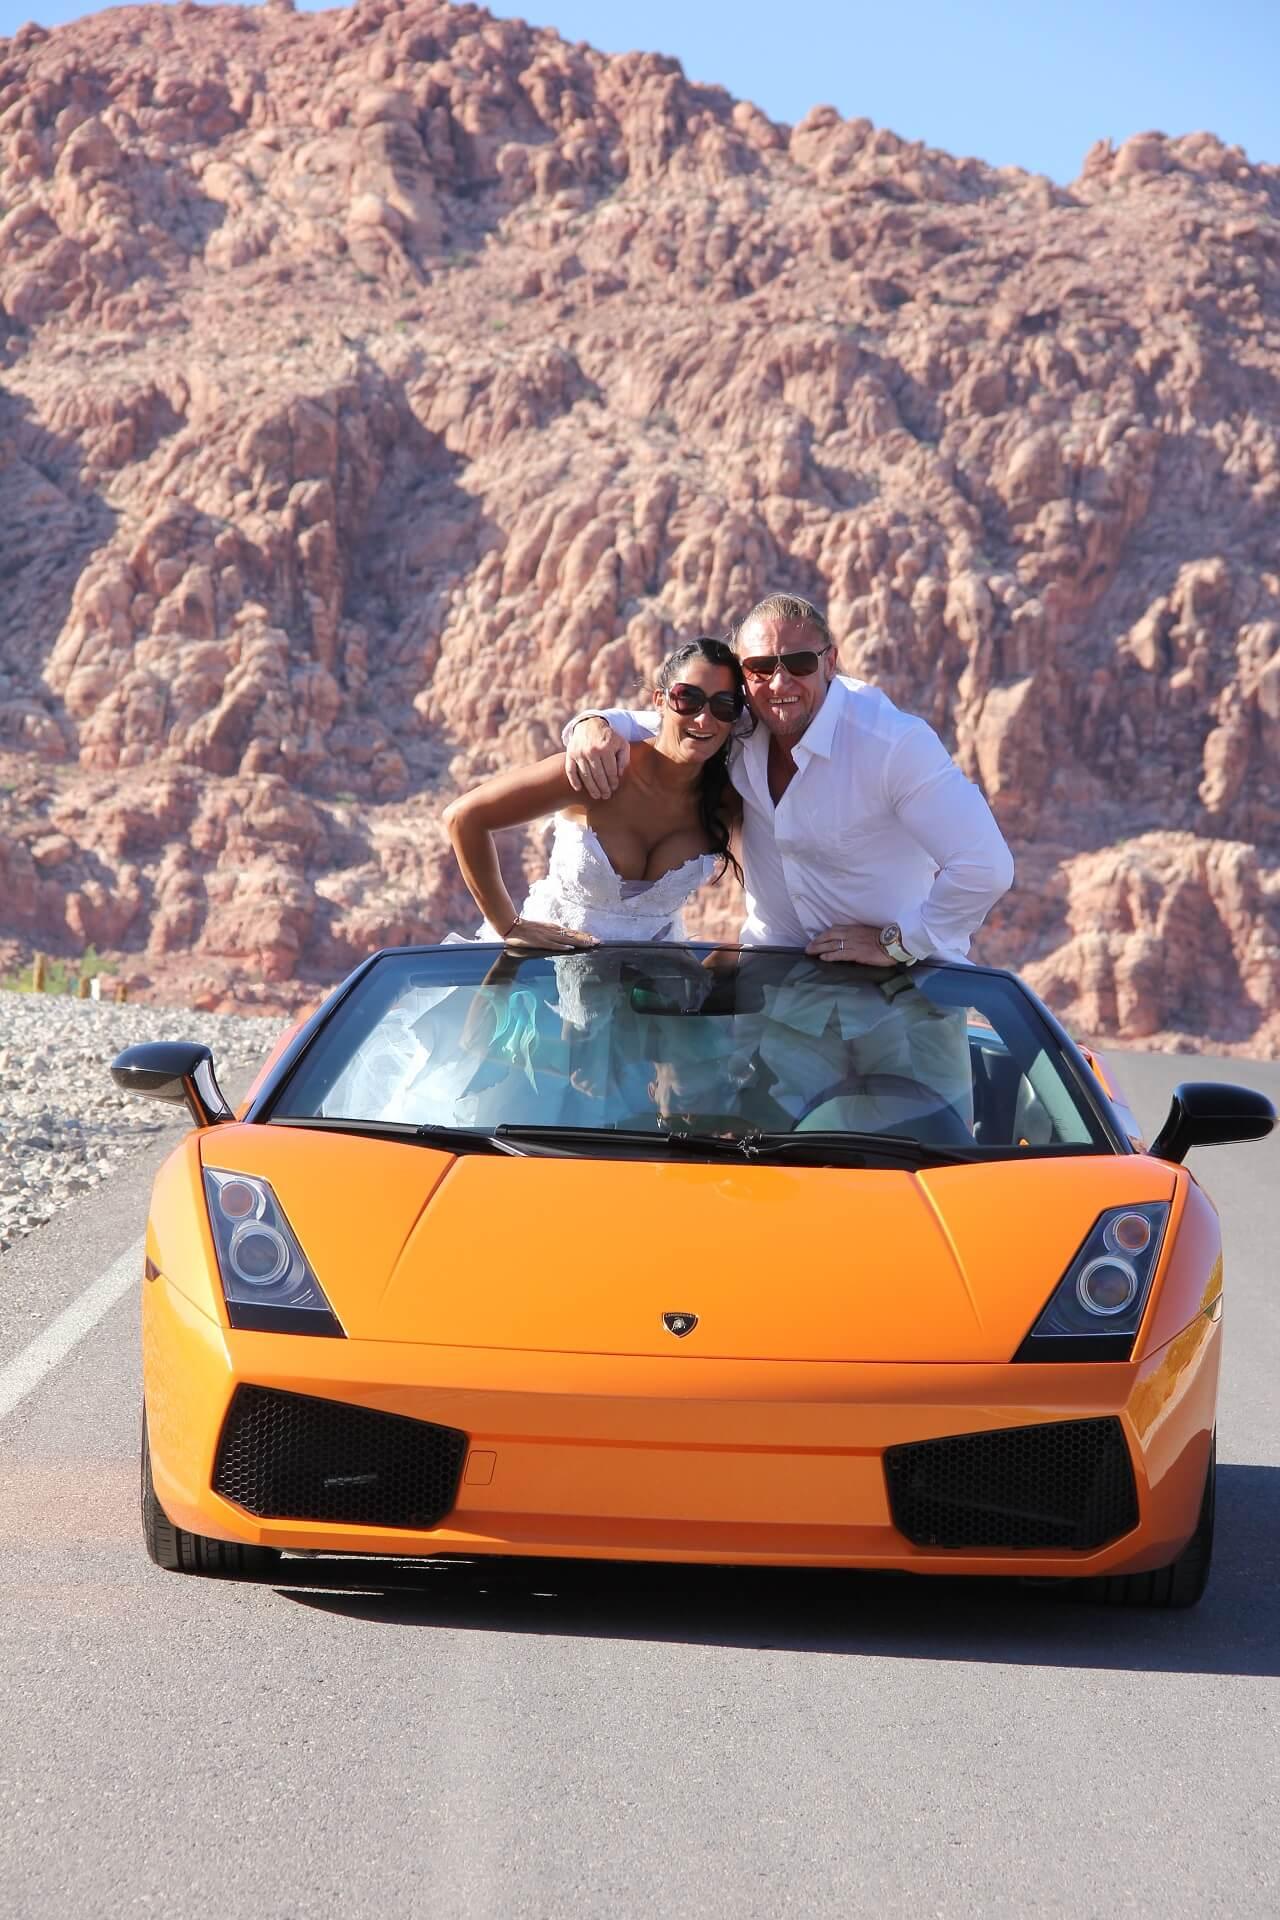 Celebrity Cars Las Vegas Strip Tour LV Wedding Connection